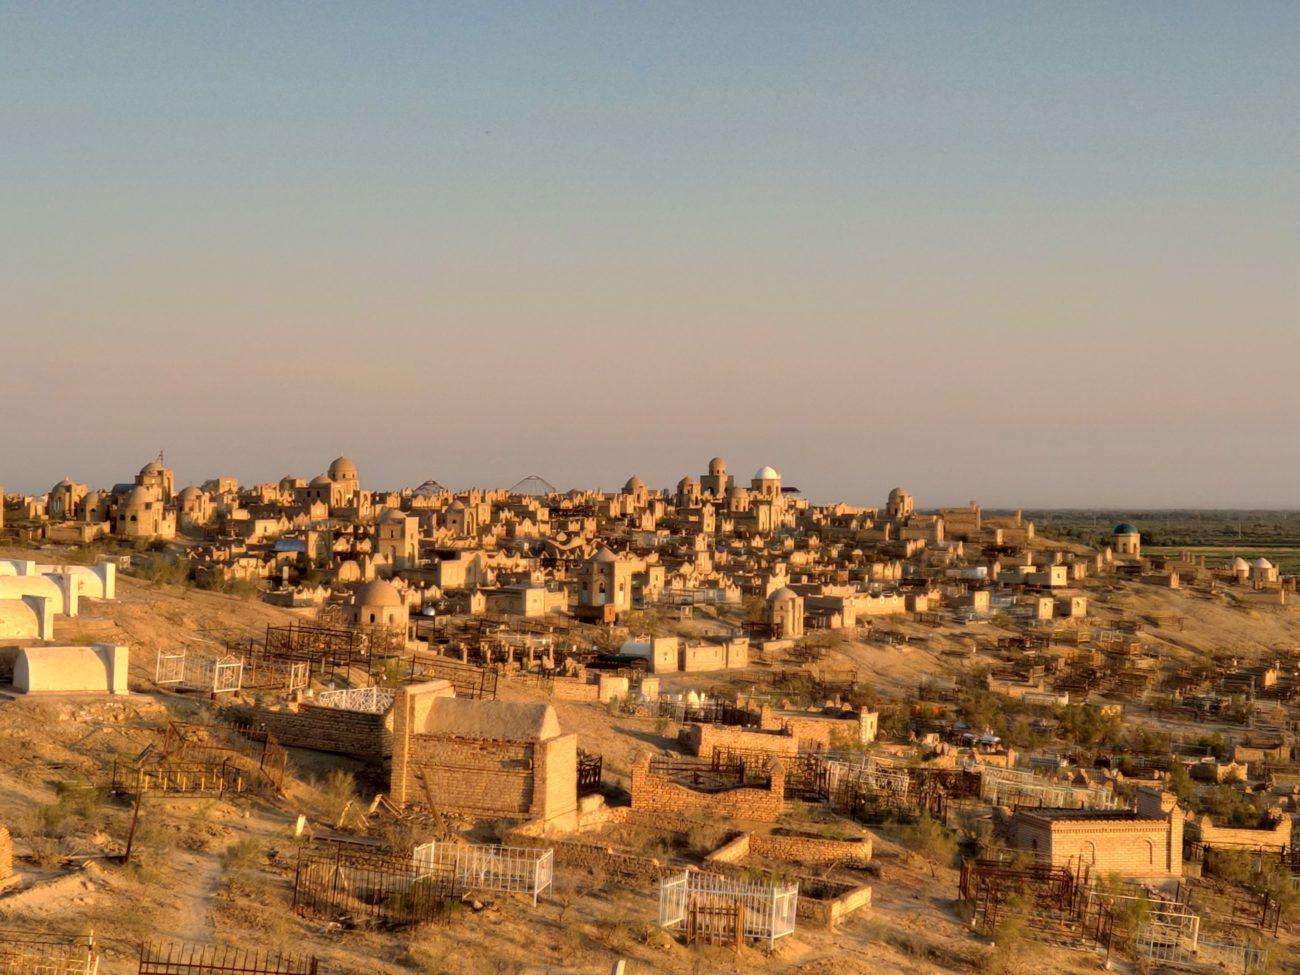 Ouzbékistan noukous karakalpakistan vieux cimetière